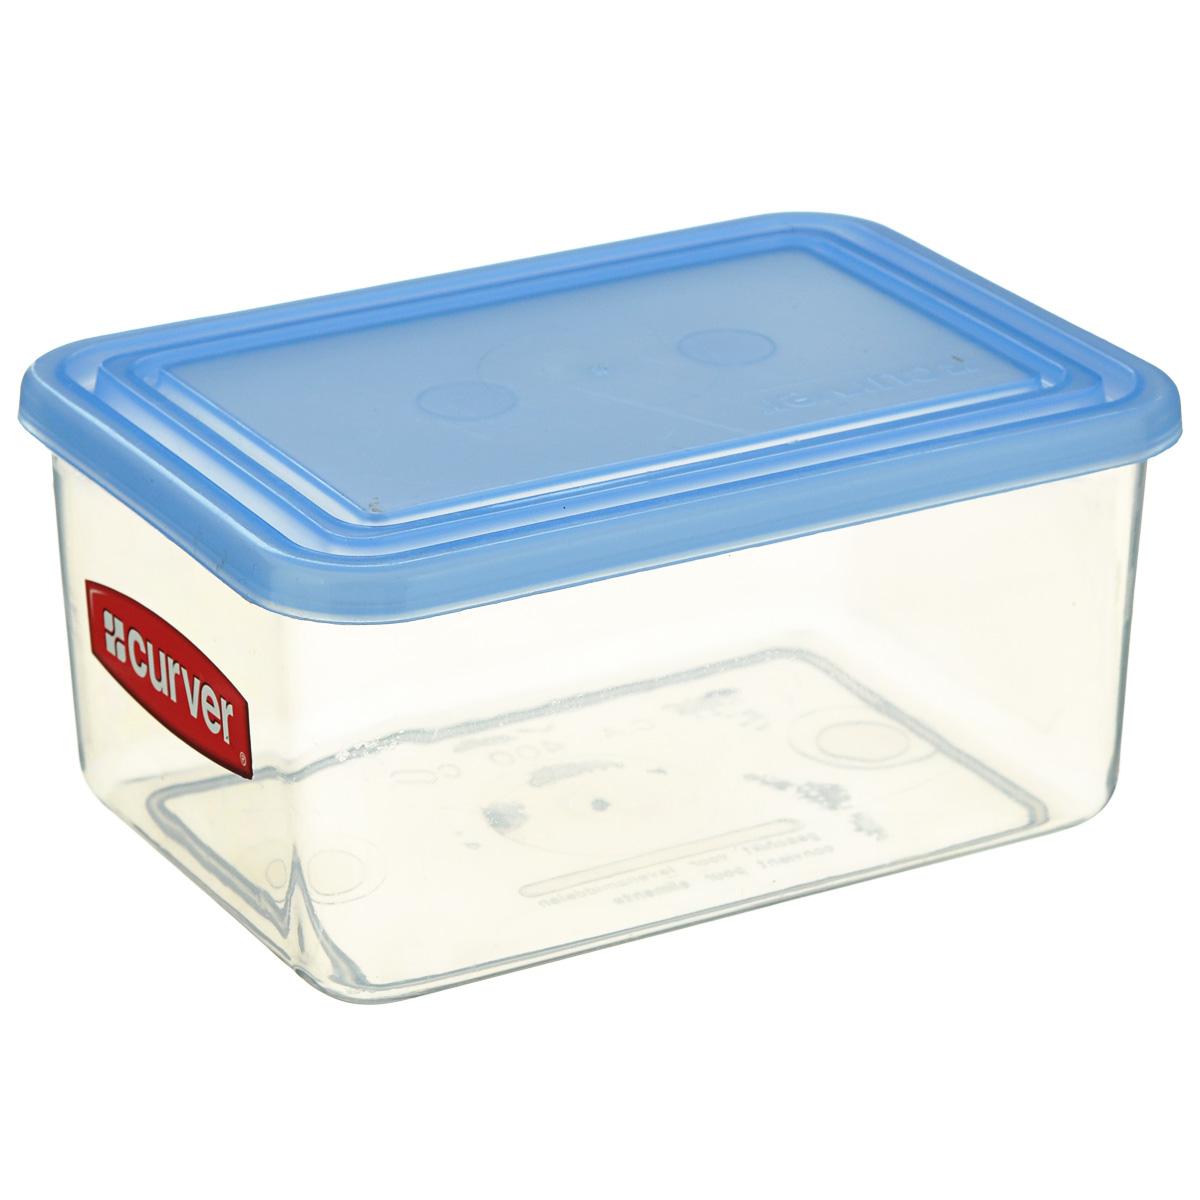 Емкость для заморозки и СВЧ Curver, цвет: голубой, 3 л емкость для заморозки и свч curver fresh